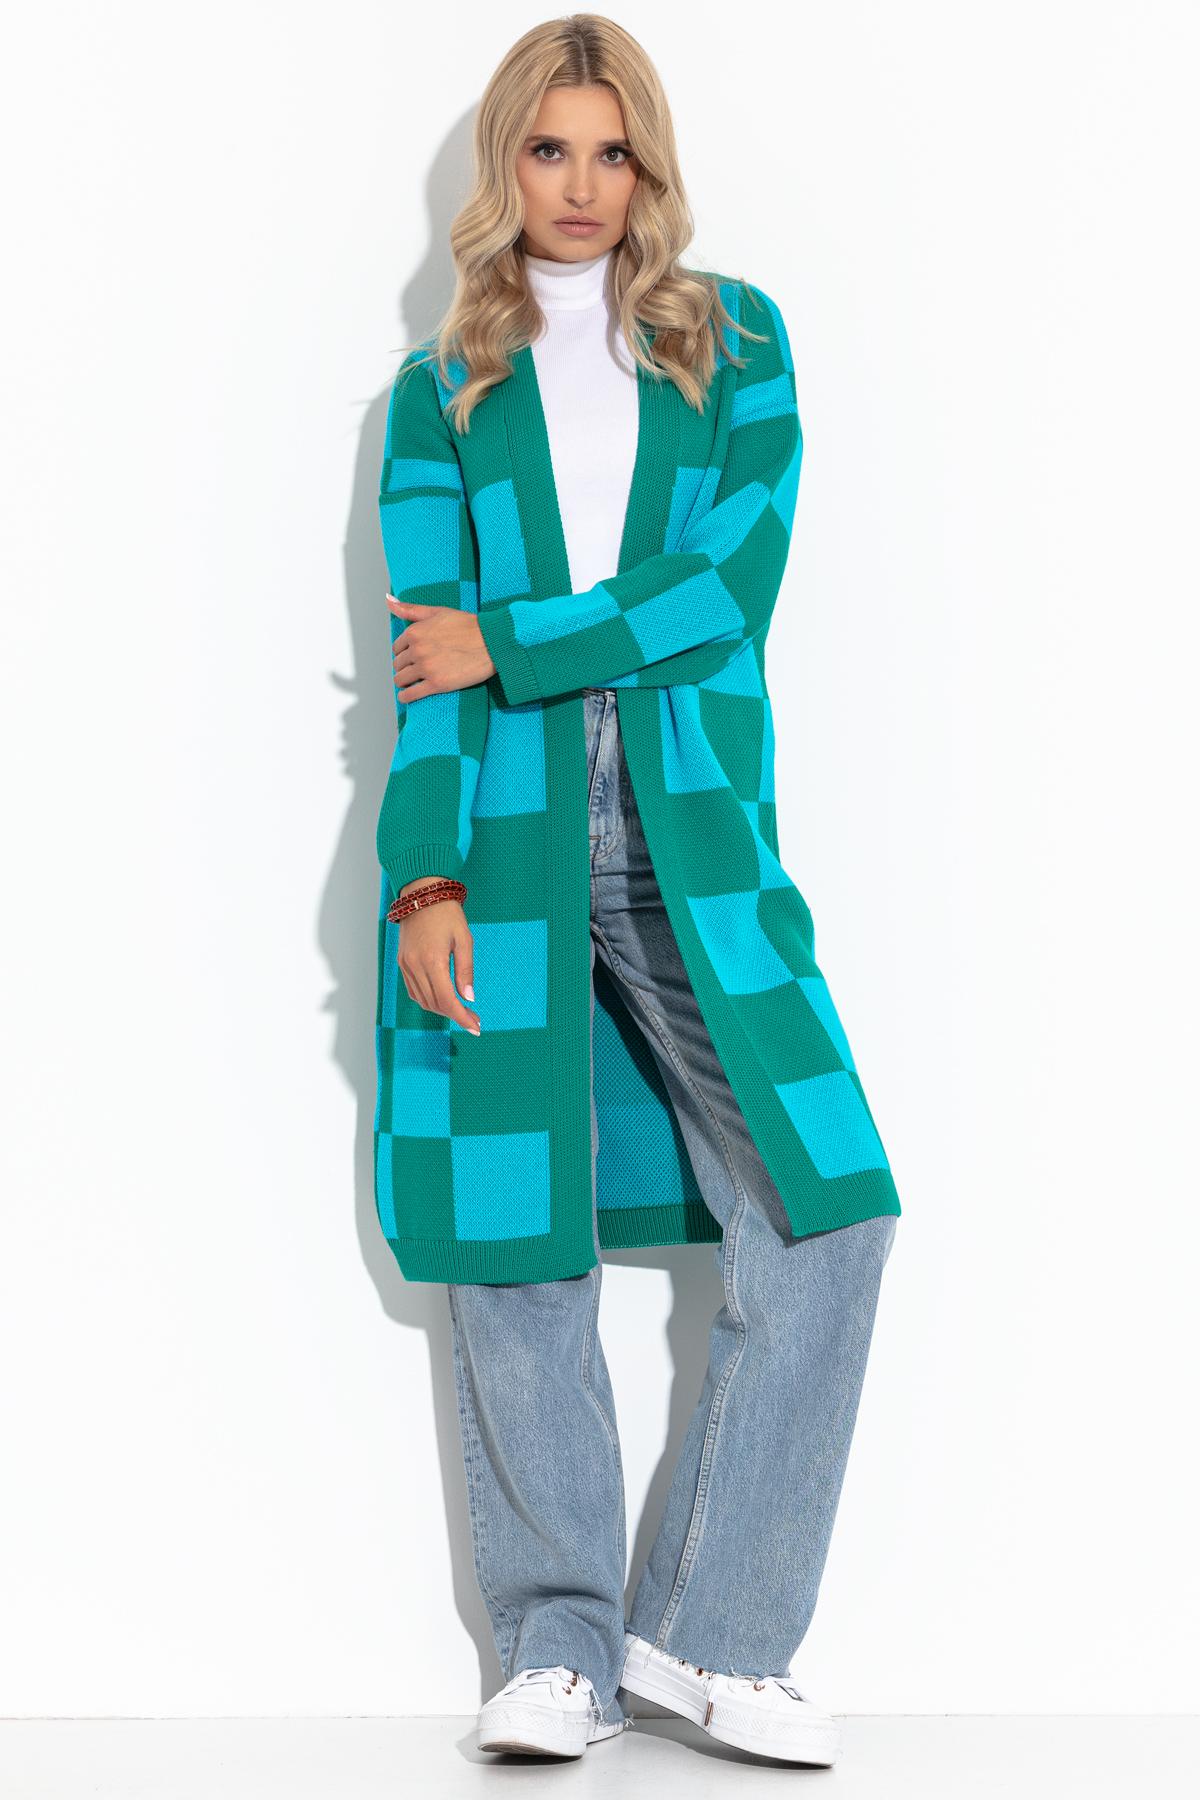 Cardigan in Lang mit blau-grünem Schachbrettmuster Vorderansicht